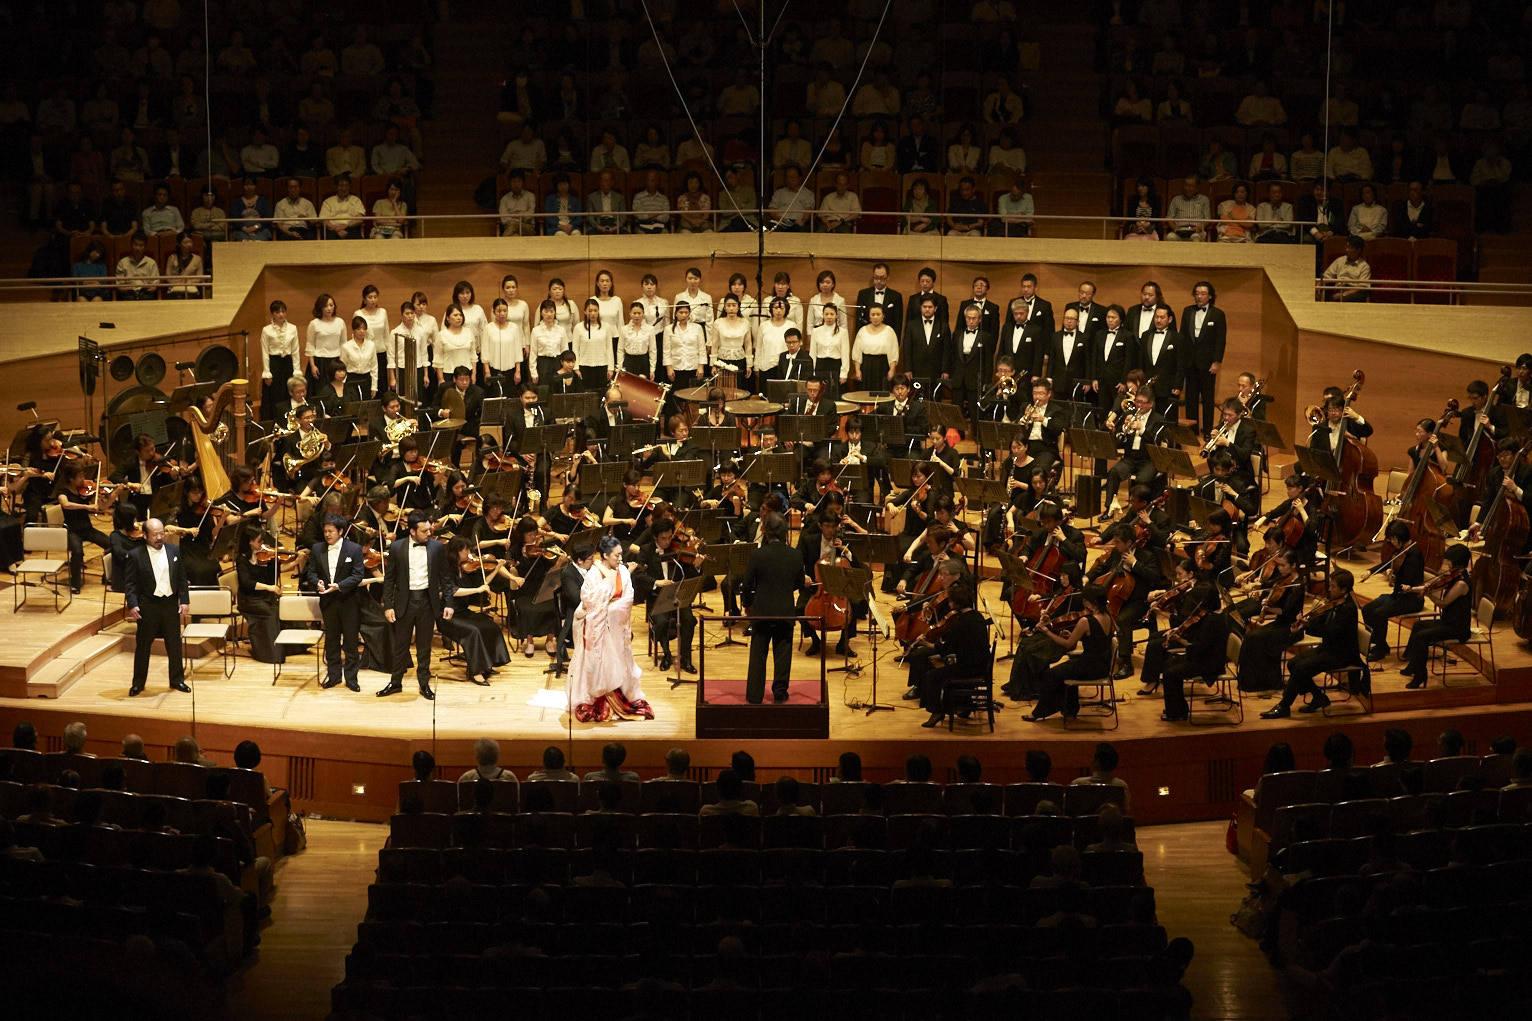 チョン・ミョンフンのオペラをもっと聴きたい、そう思わなかった聴衆はいないだろう